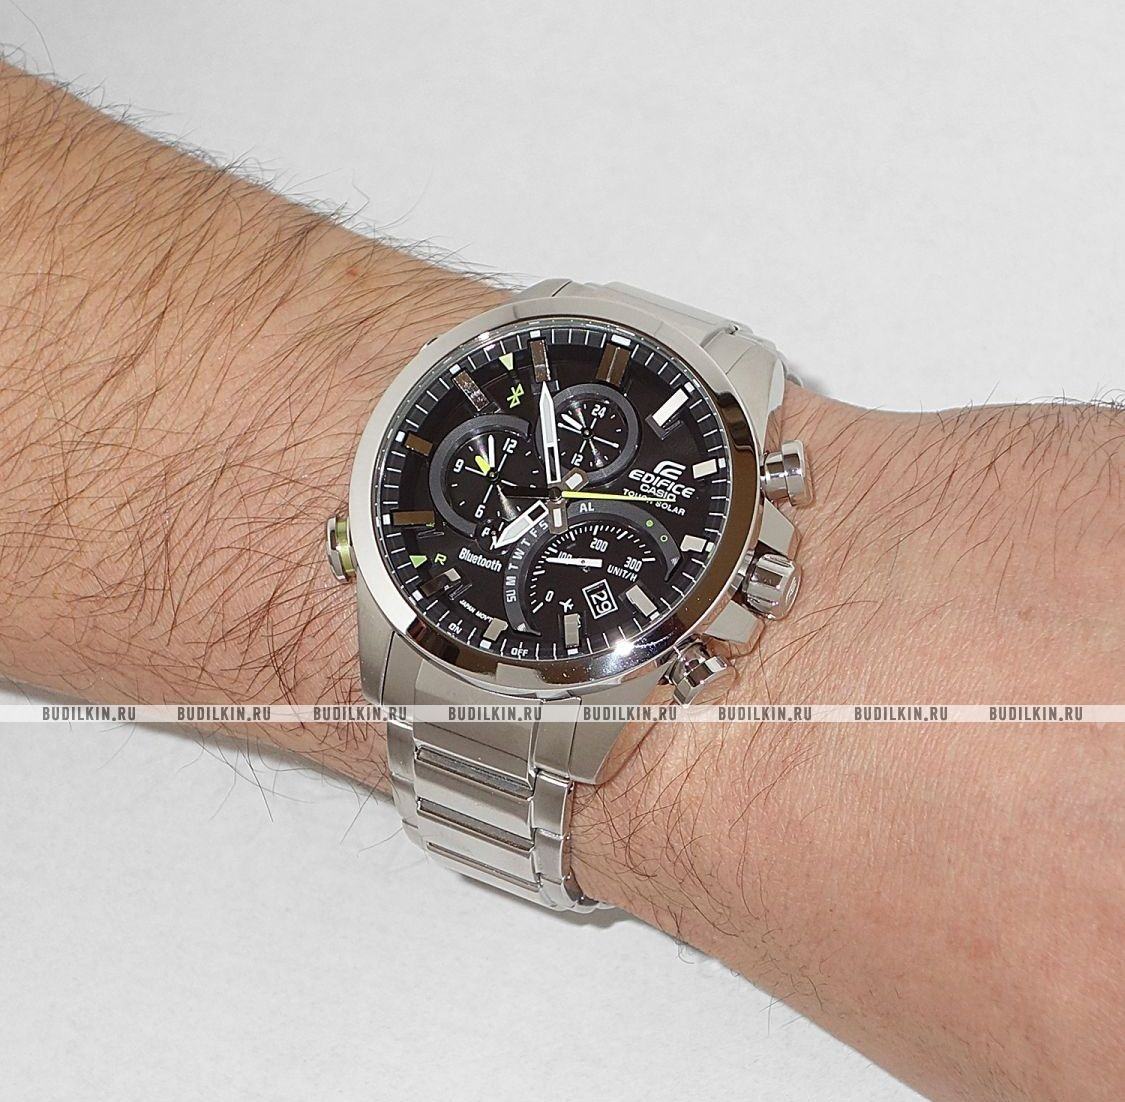 27f6556d8811 ... Мужские японские наручные часы Casio Edifice Link With Smartphone EQB -500D-1A